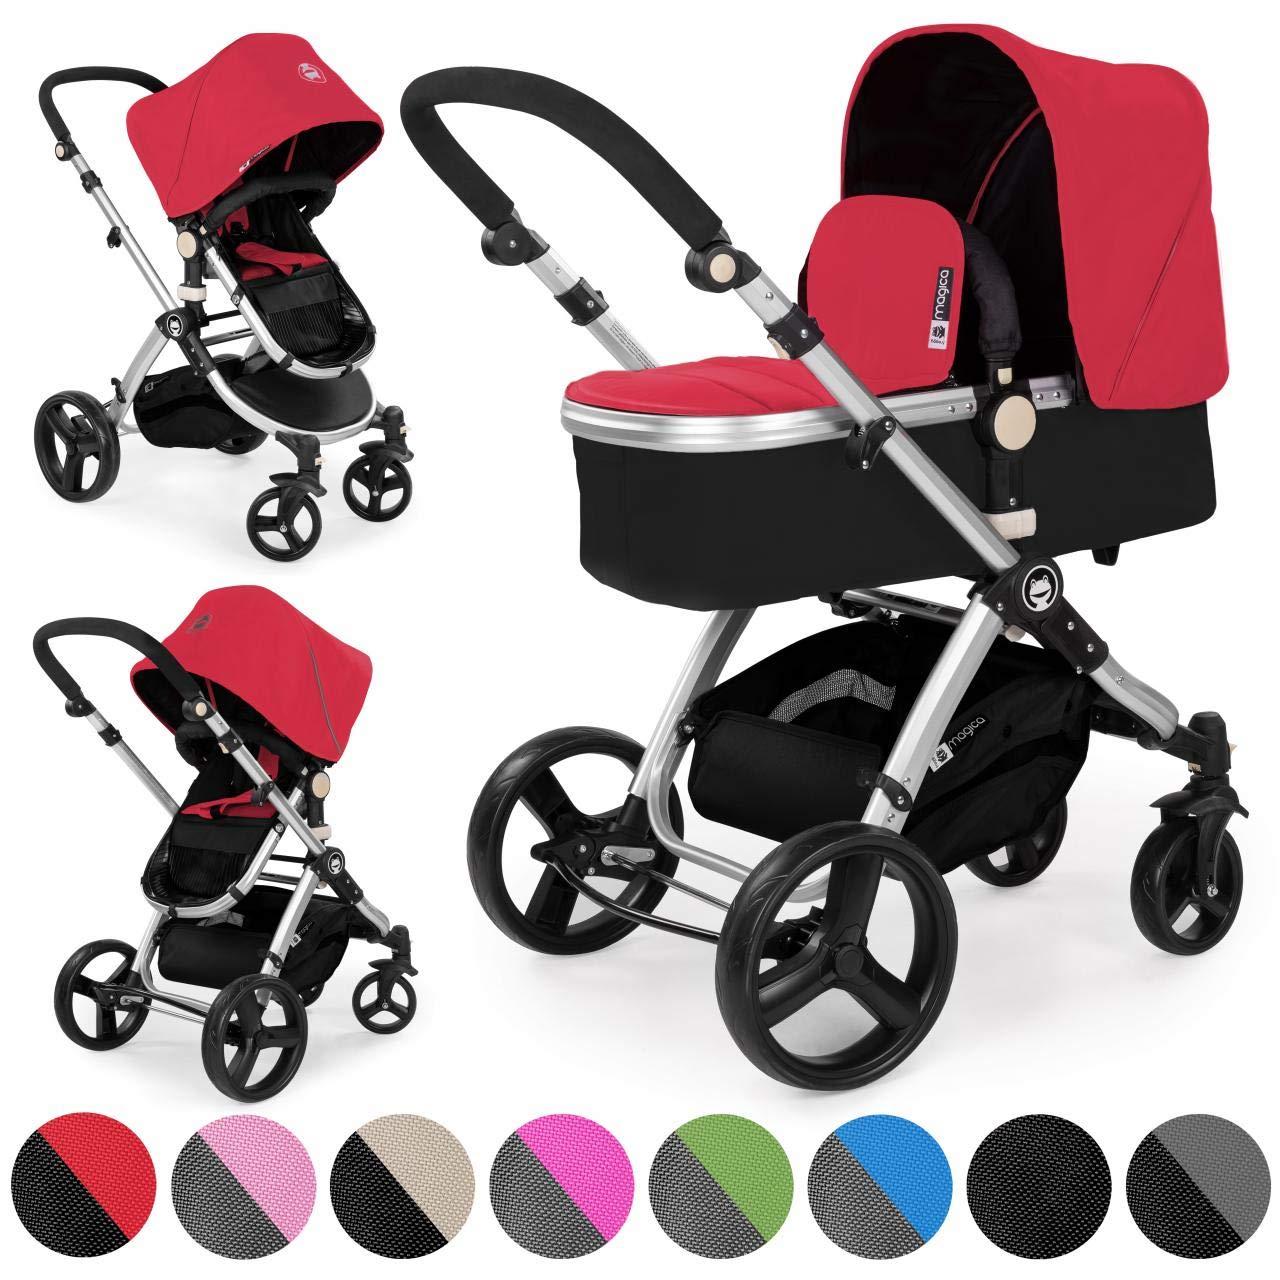 Froggy passeggino carrozzina combi MAGICA 2 in1 passeggino rosso in alluminio product image